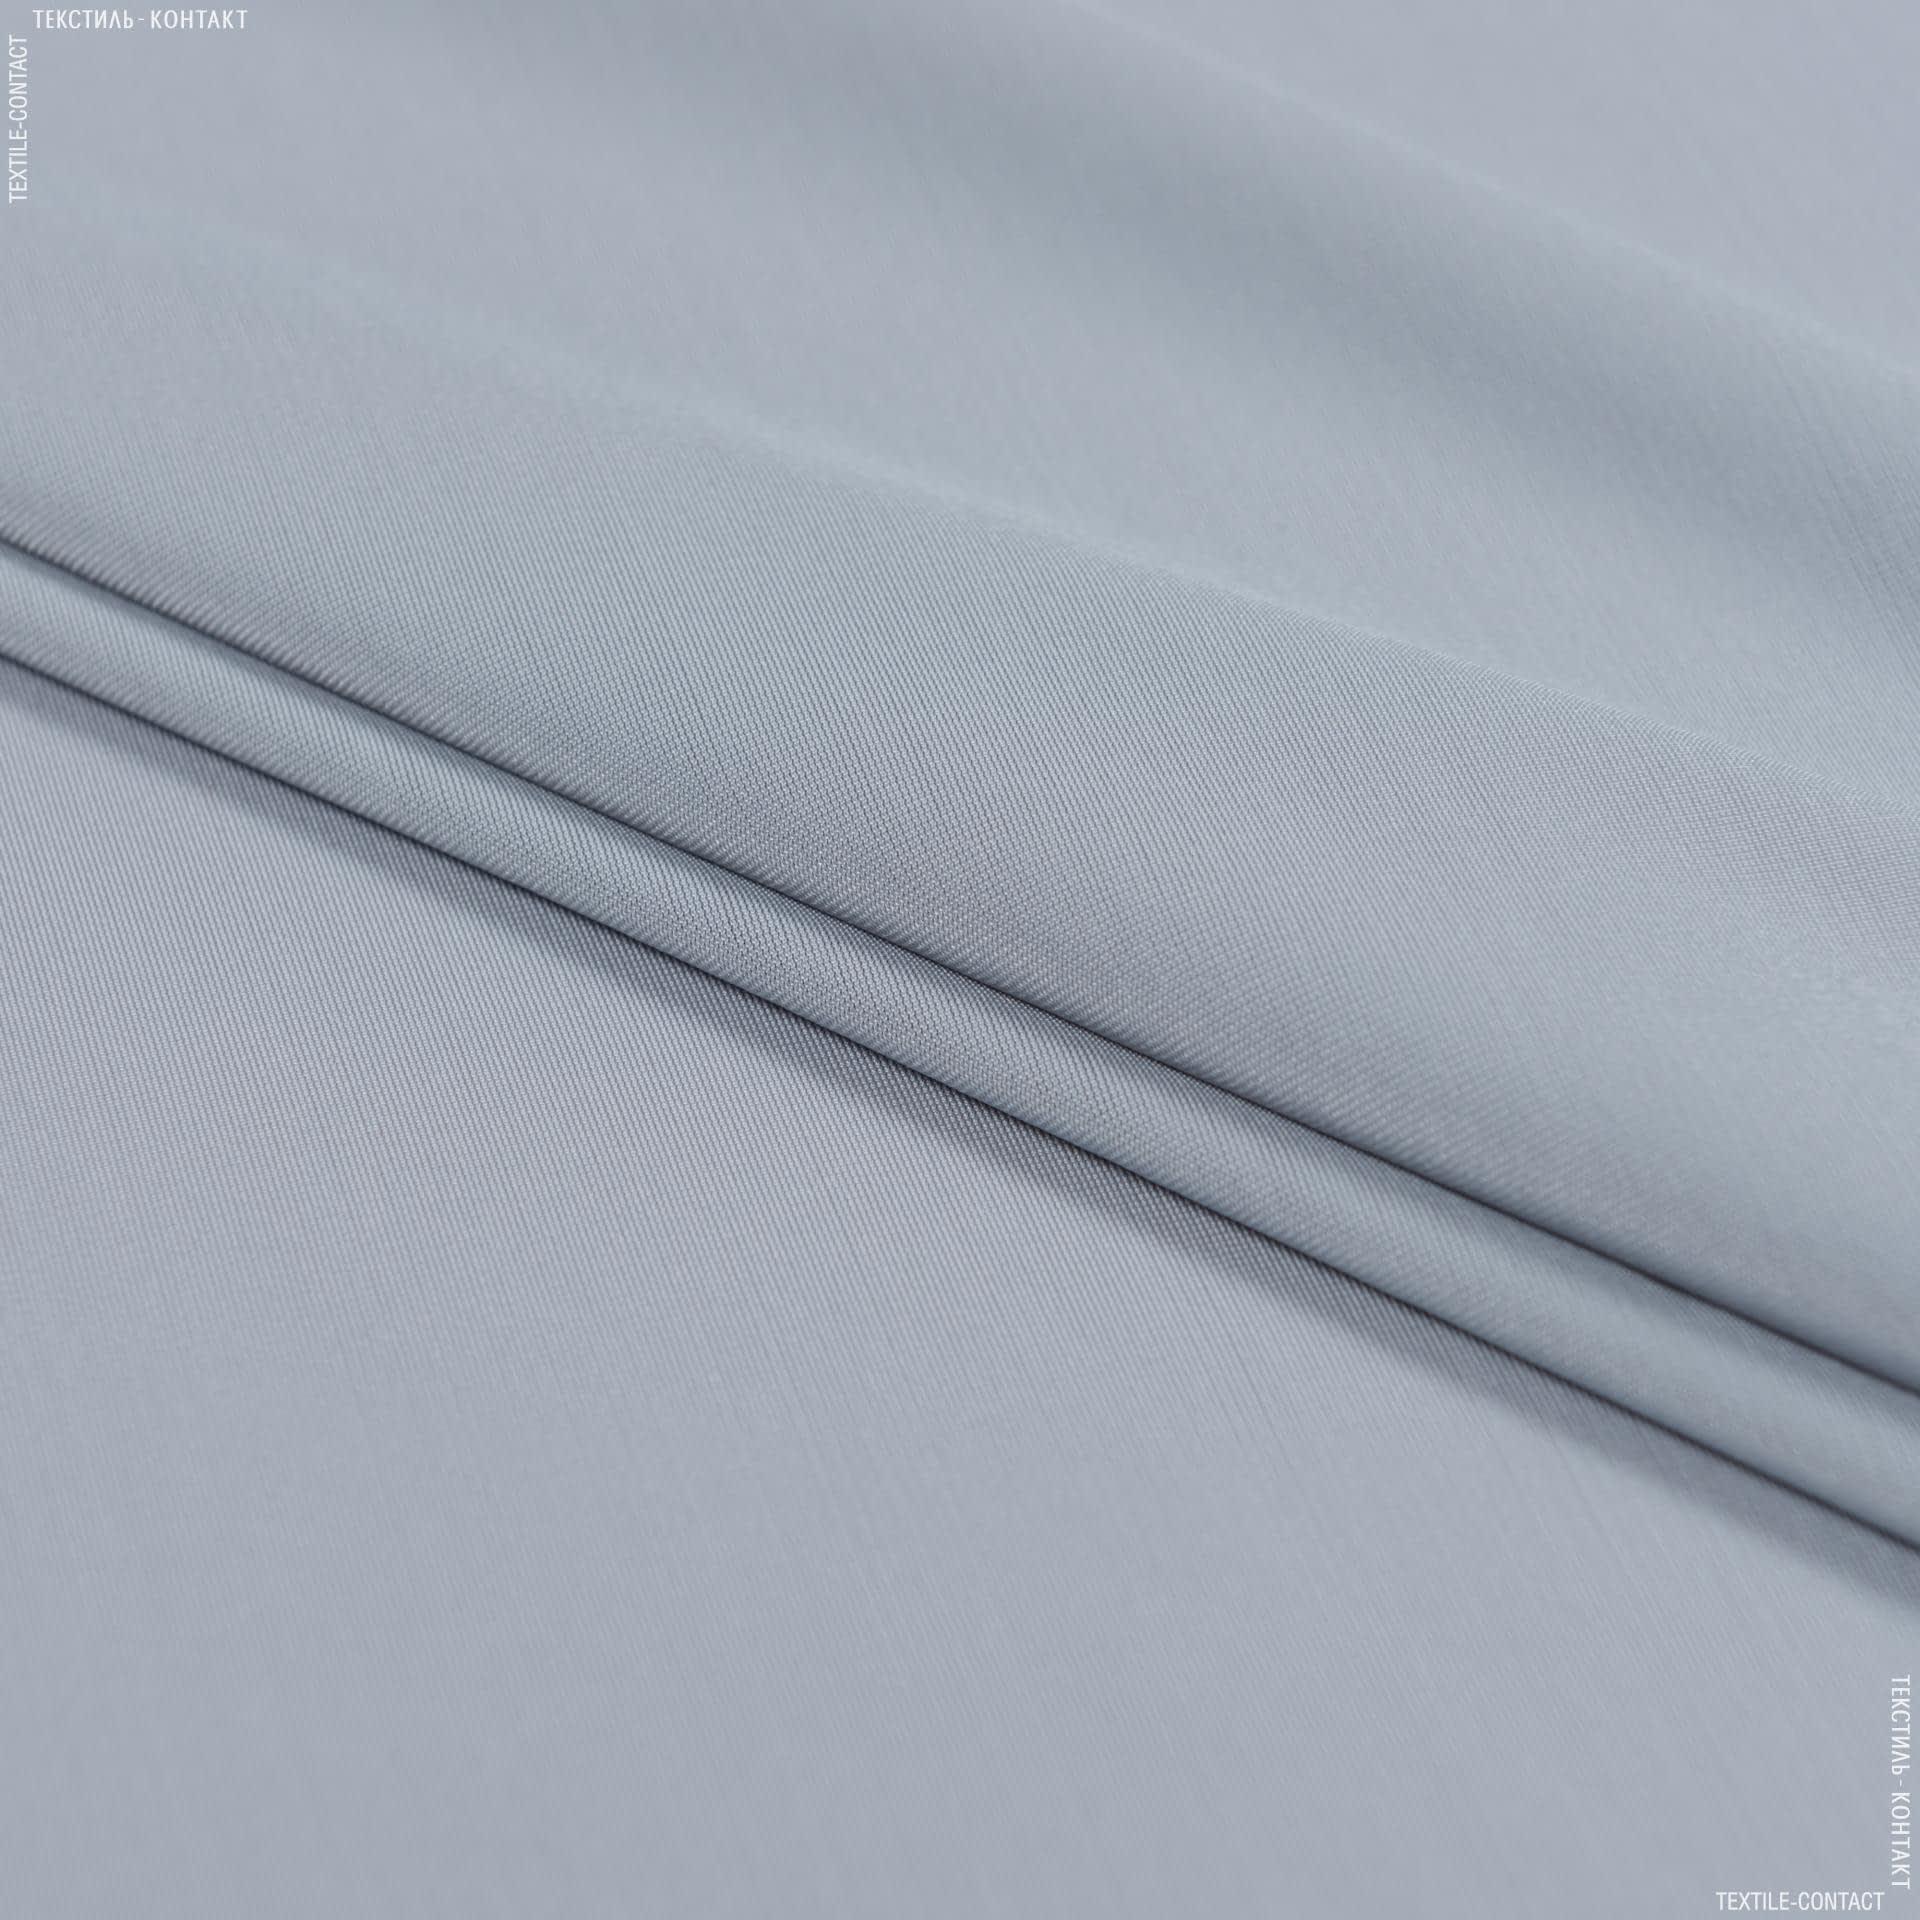 Тканини для спортивного одягу - Біфлекс сірий